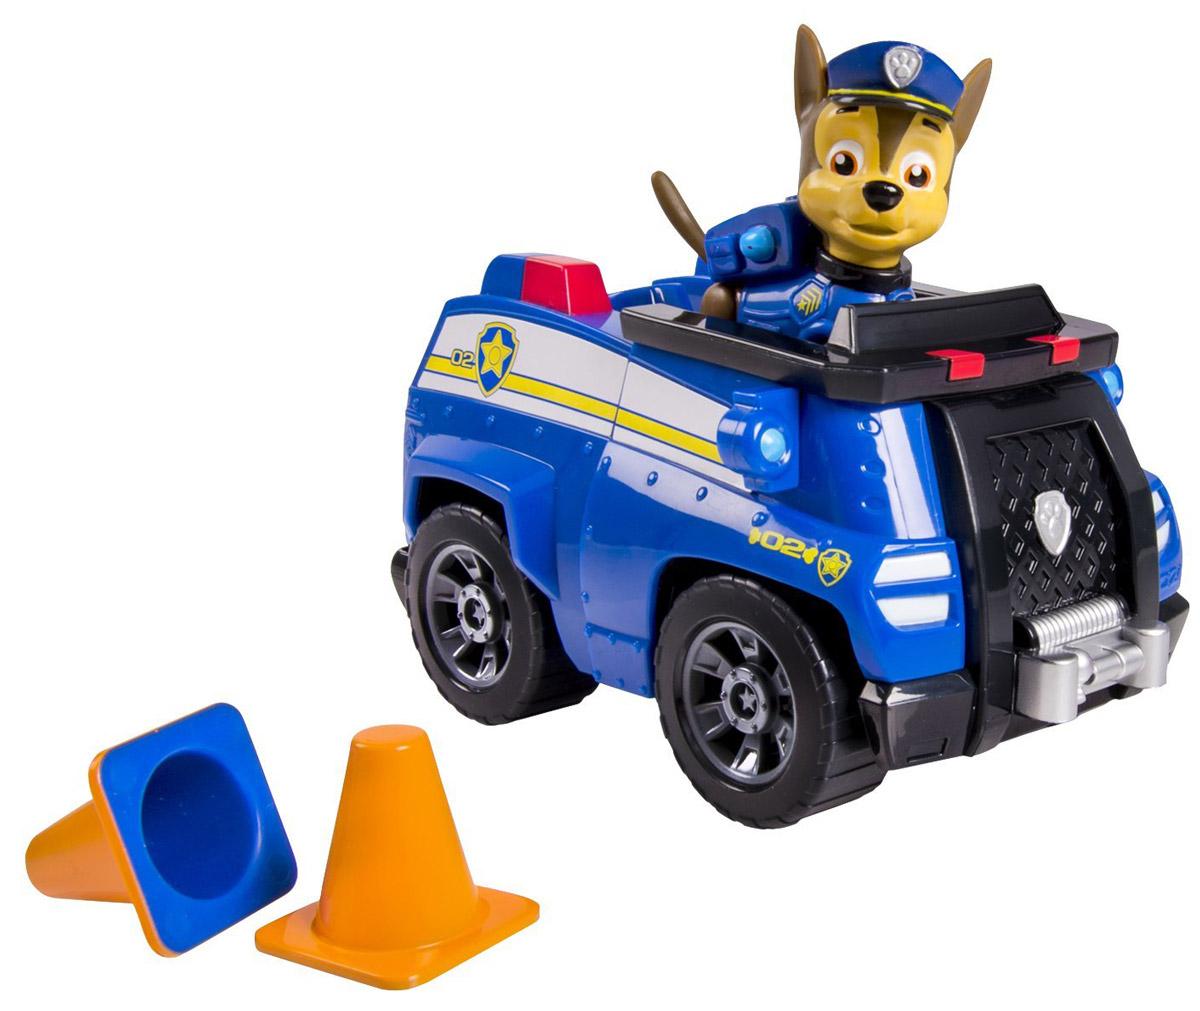 Paw Patrol Игровой набор Машинка спасателя и щенок Chase16601 ChaseИгровой набор Paw Patrol Машинка спасателя и щенок Chase станет отличным подарком маленьким поклонникам знаменитого мультсериала. В набор входит фигурка Чейза - это щенок породы немецкая овчарка, выполняющий в отряде функции полицейского. Чейз ездит на синей полицейской машине. Фигурку собачки можно поместить в кабину машины и катать. У собачки подвижные лапы и голова. Ваш малыш будет часами играть с этим набором, придумывая разные истории. Сделайте ему такой замечательный подарок! Щенячий патруль - канадский анимационный мультфильм, созданный Кит Чэпман. Первая серия мультфильма была показана в августе 2013 года. Игровой набор способствует развитию ребенка и надолго займет вашего малыша интересной игрой.